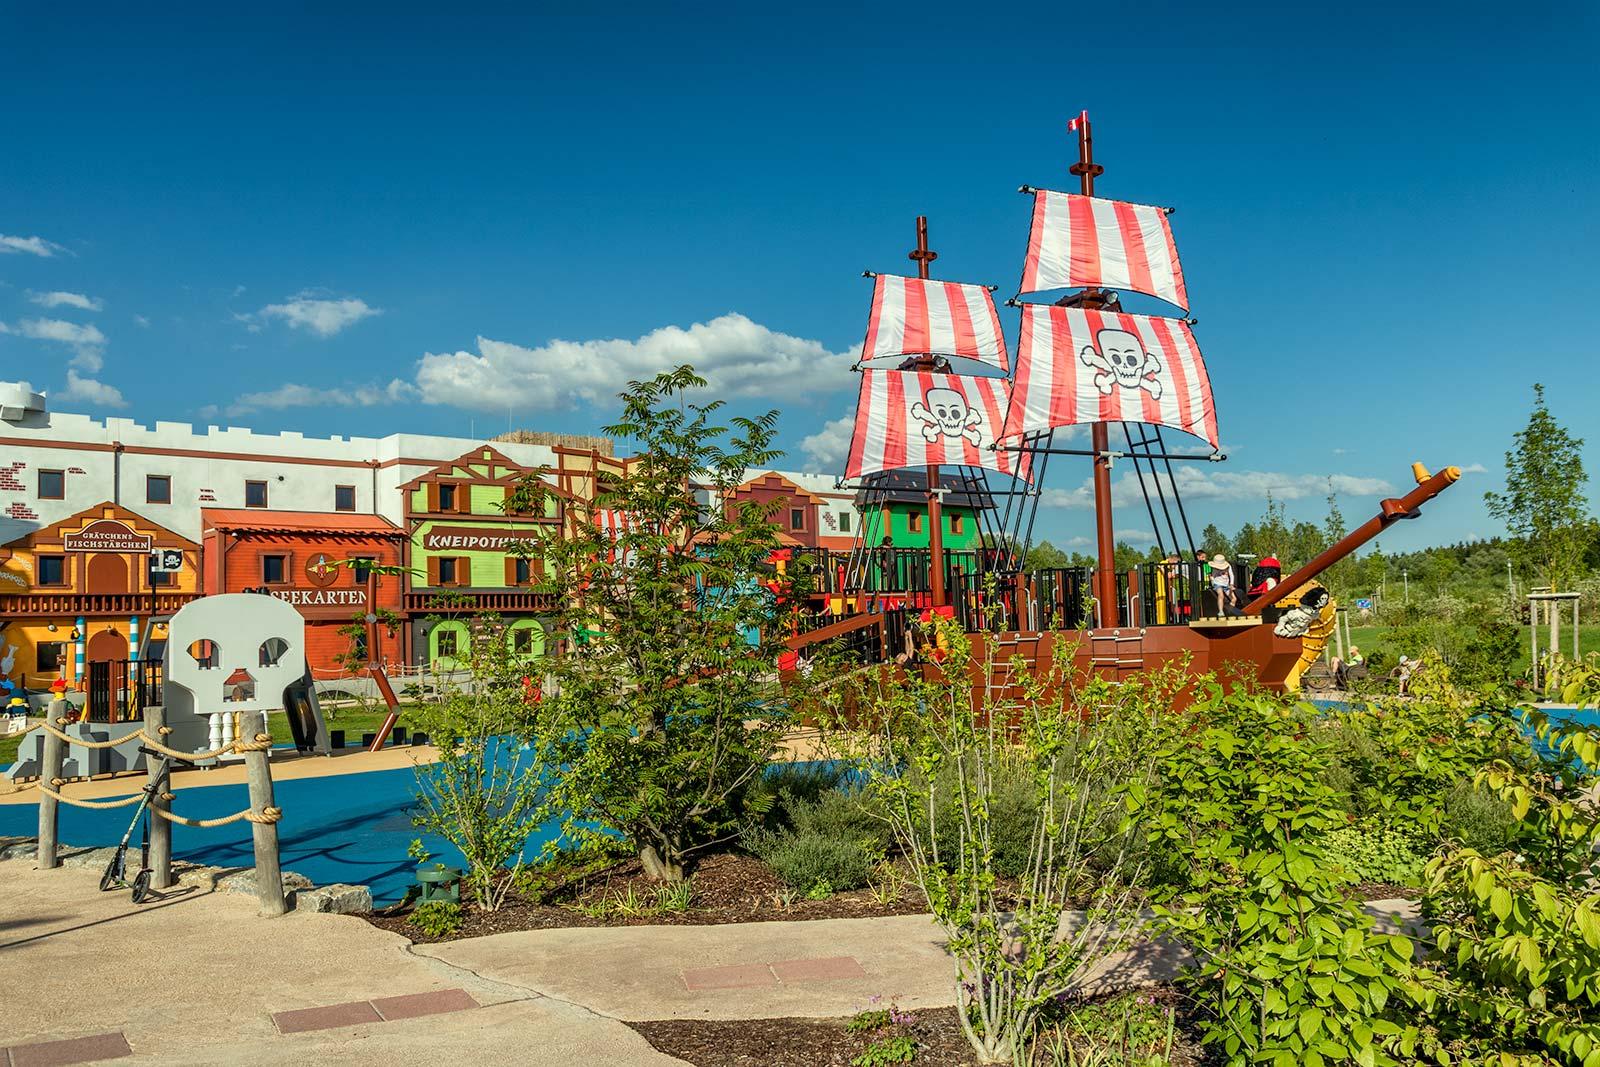 Legoland Hotel dei Pirati